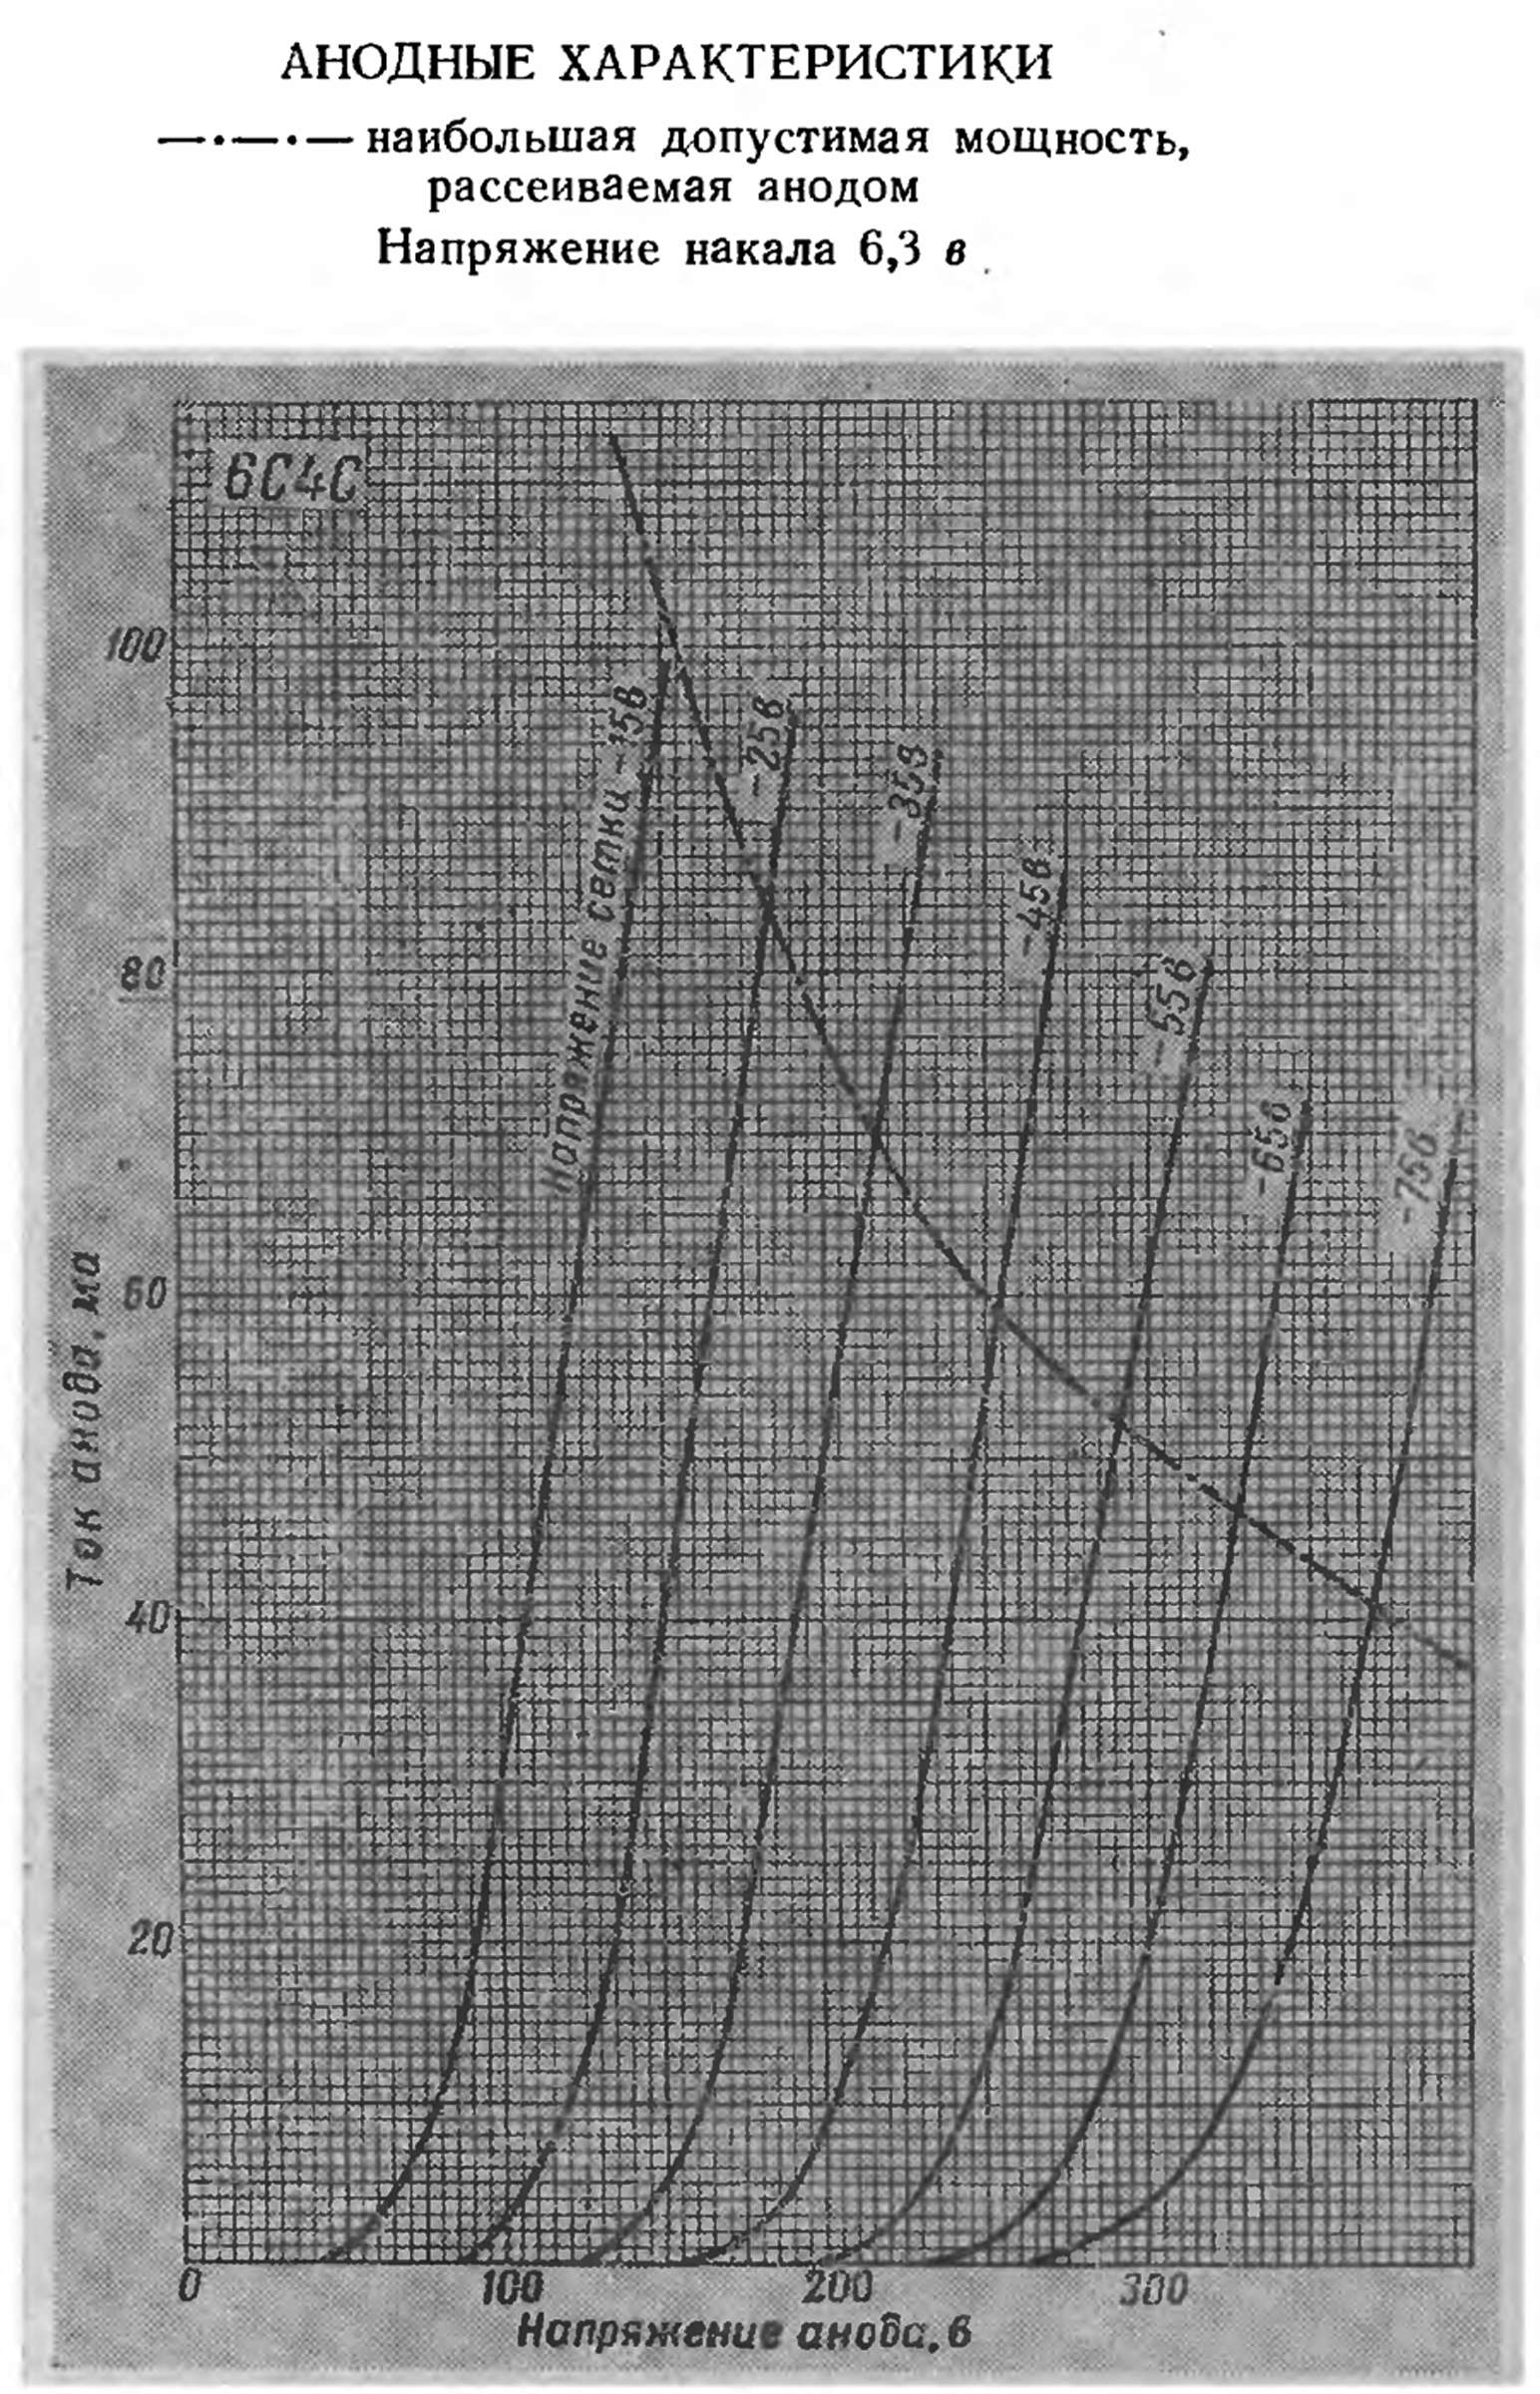 Параметры радиолампы 6С4С